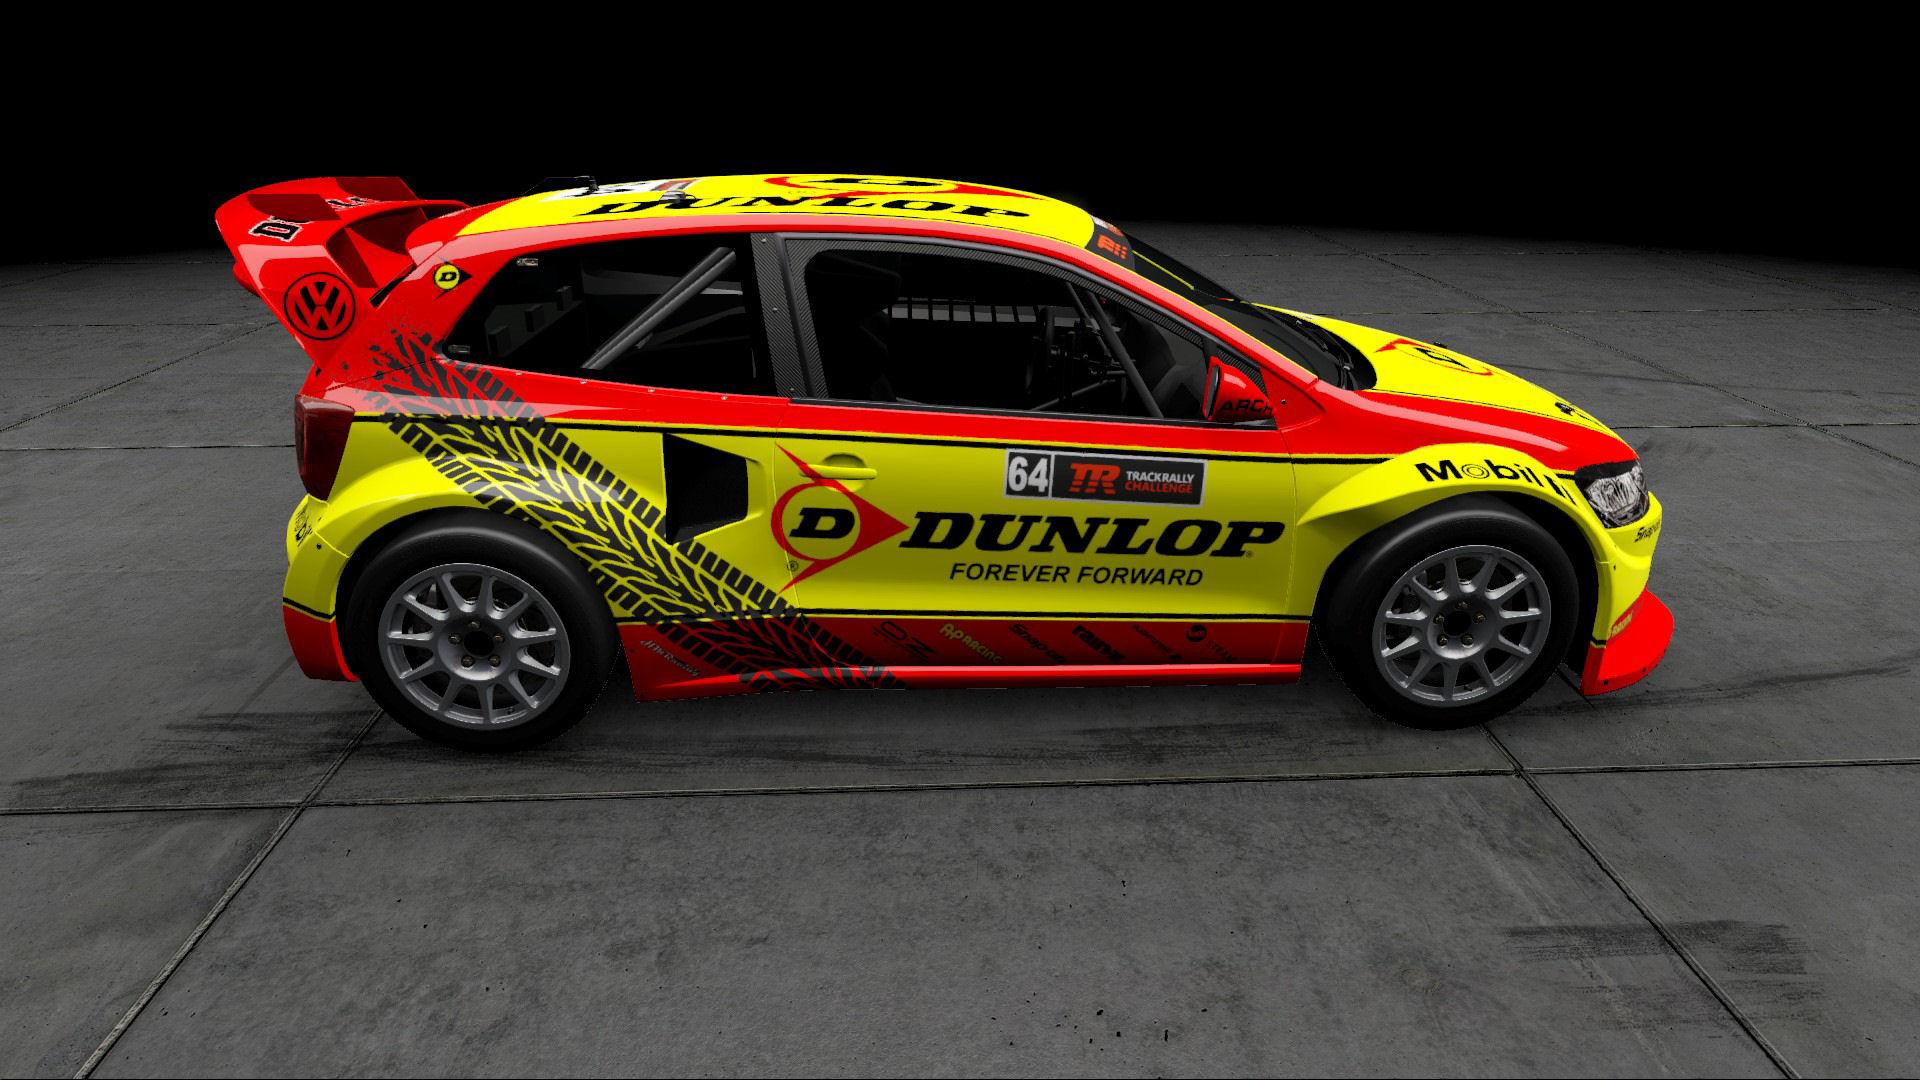 Dunlop VW Polo RX 02.jpg